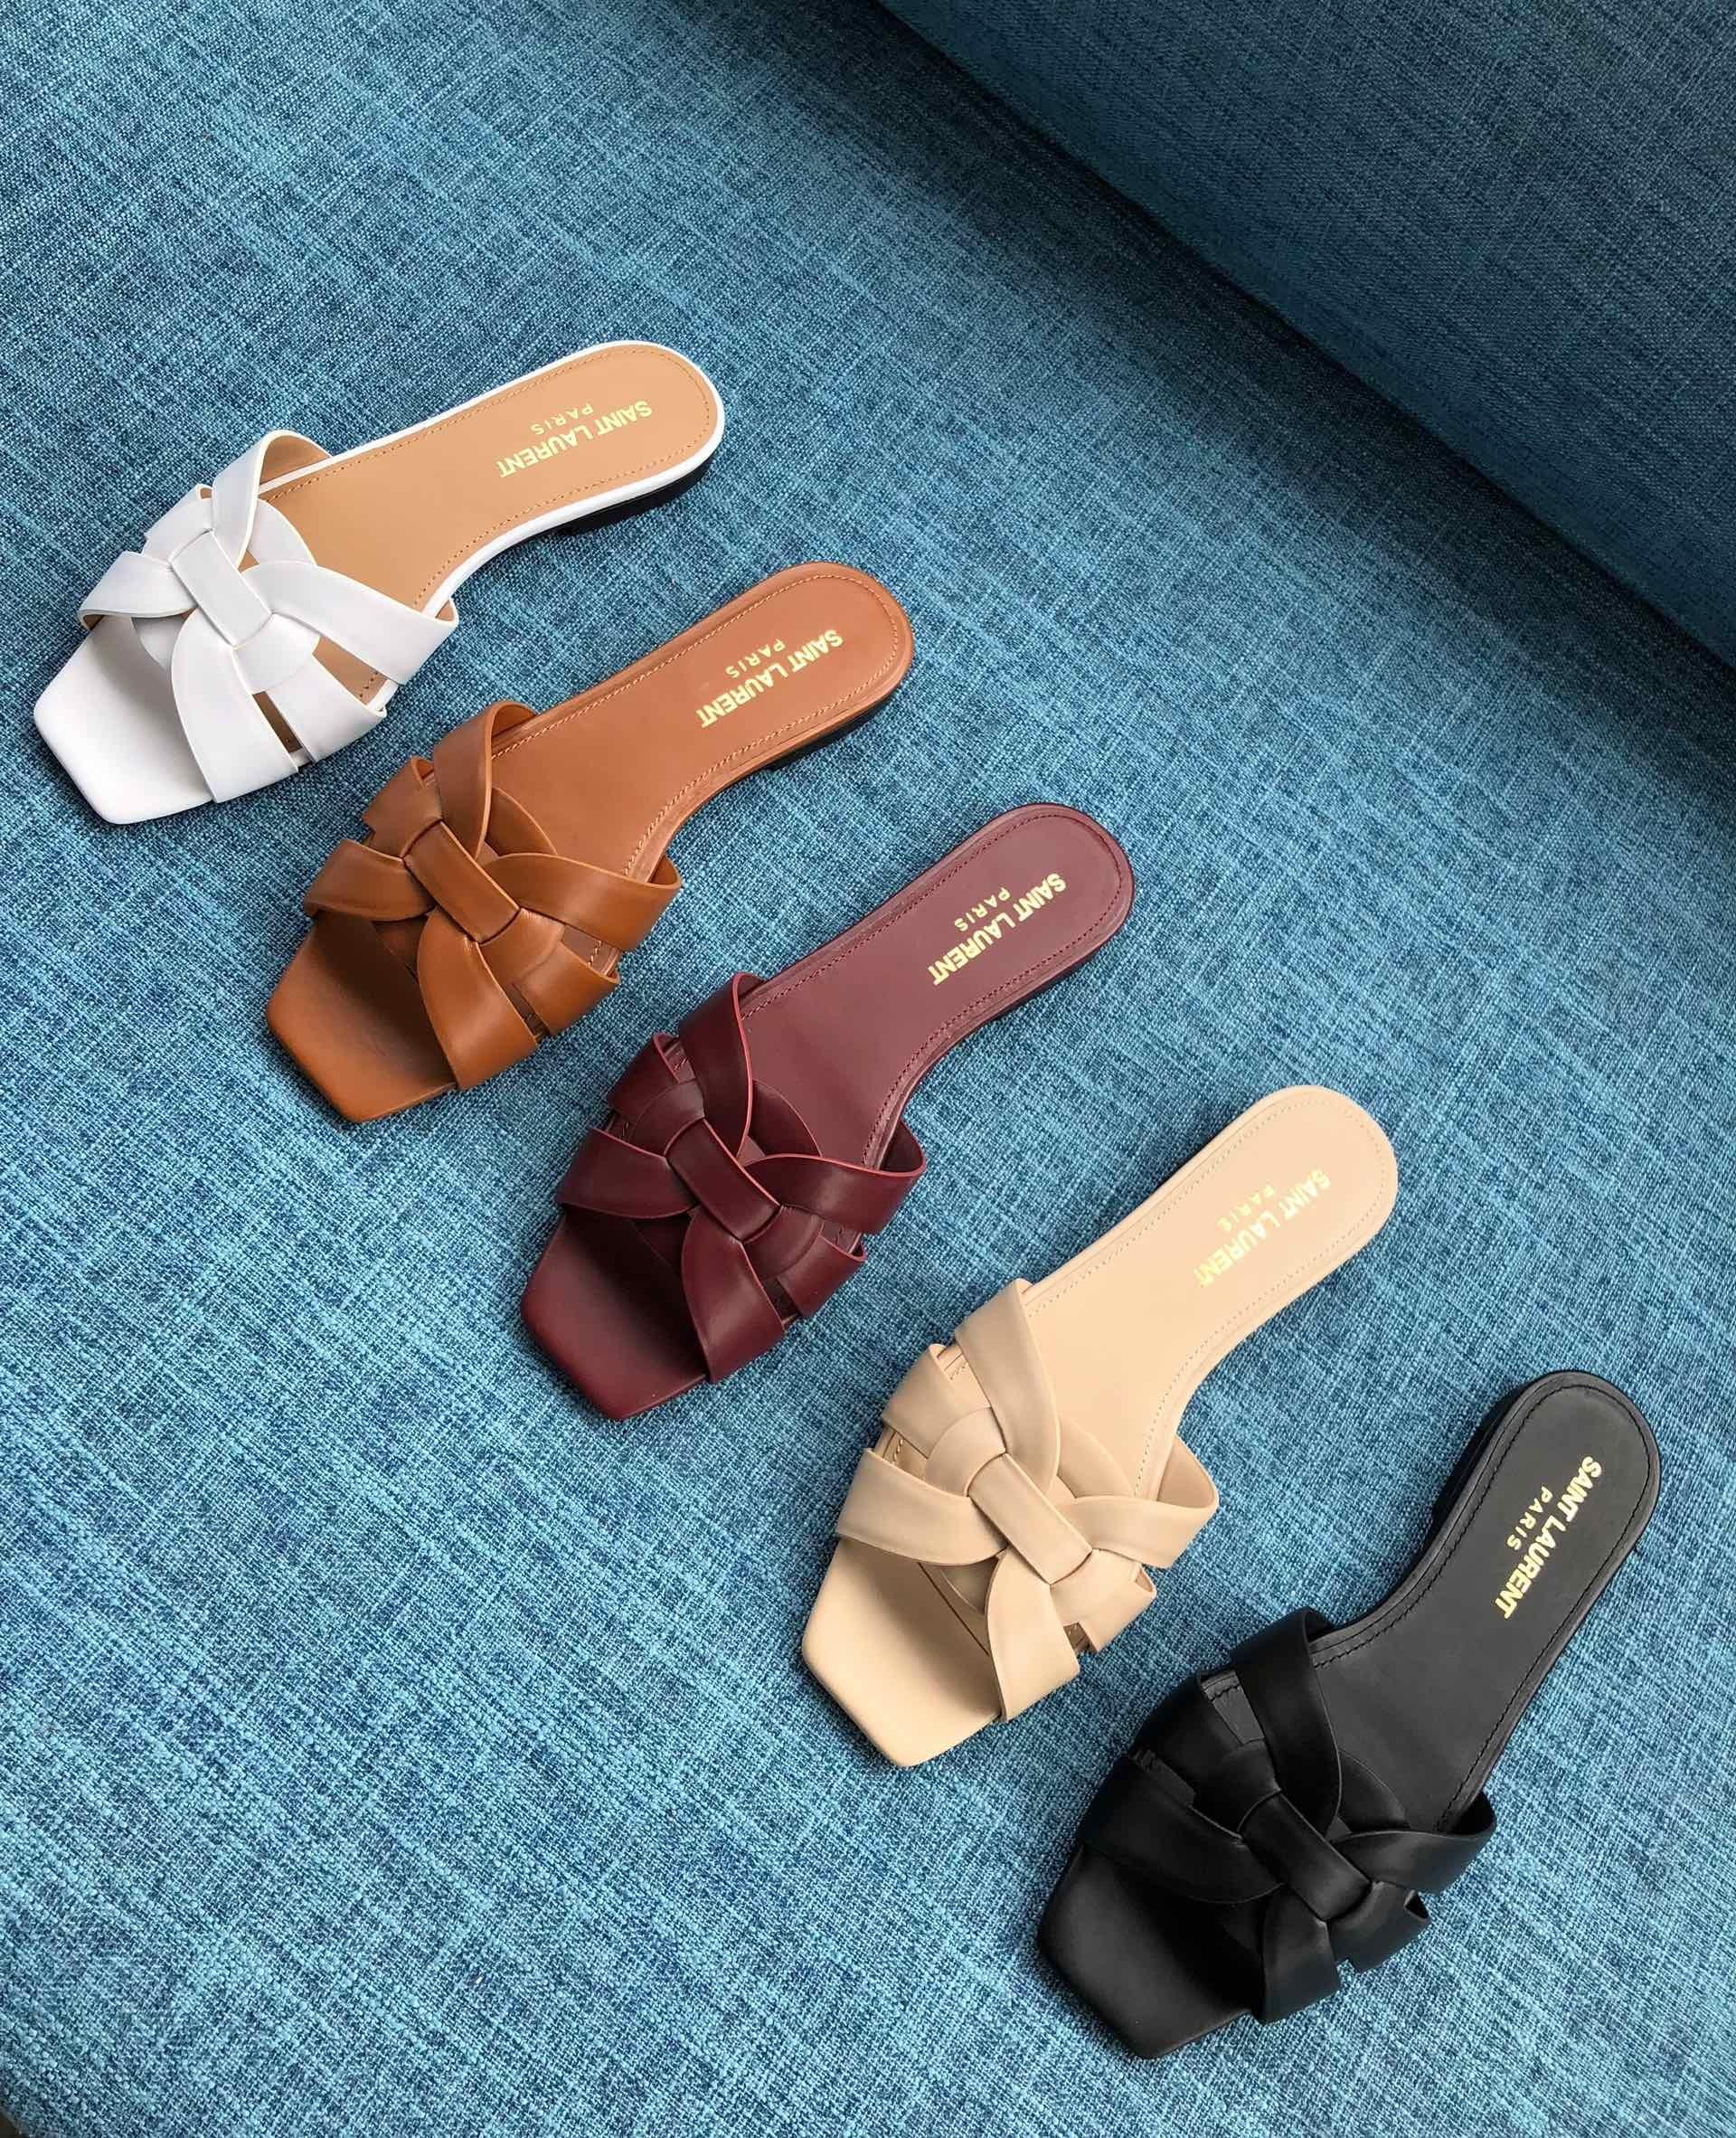 haute qualité à chaud printemps-vente 2019 nouvelles chaussures de plage en cuir sandales plat pantoufles de marque d'été Femmes grandes